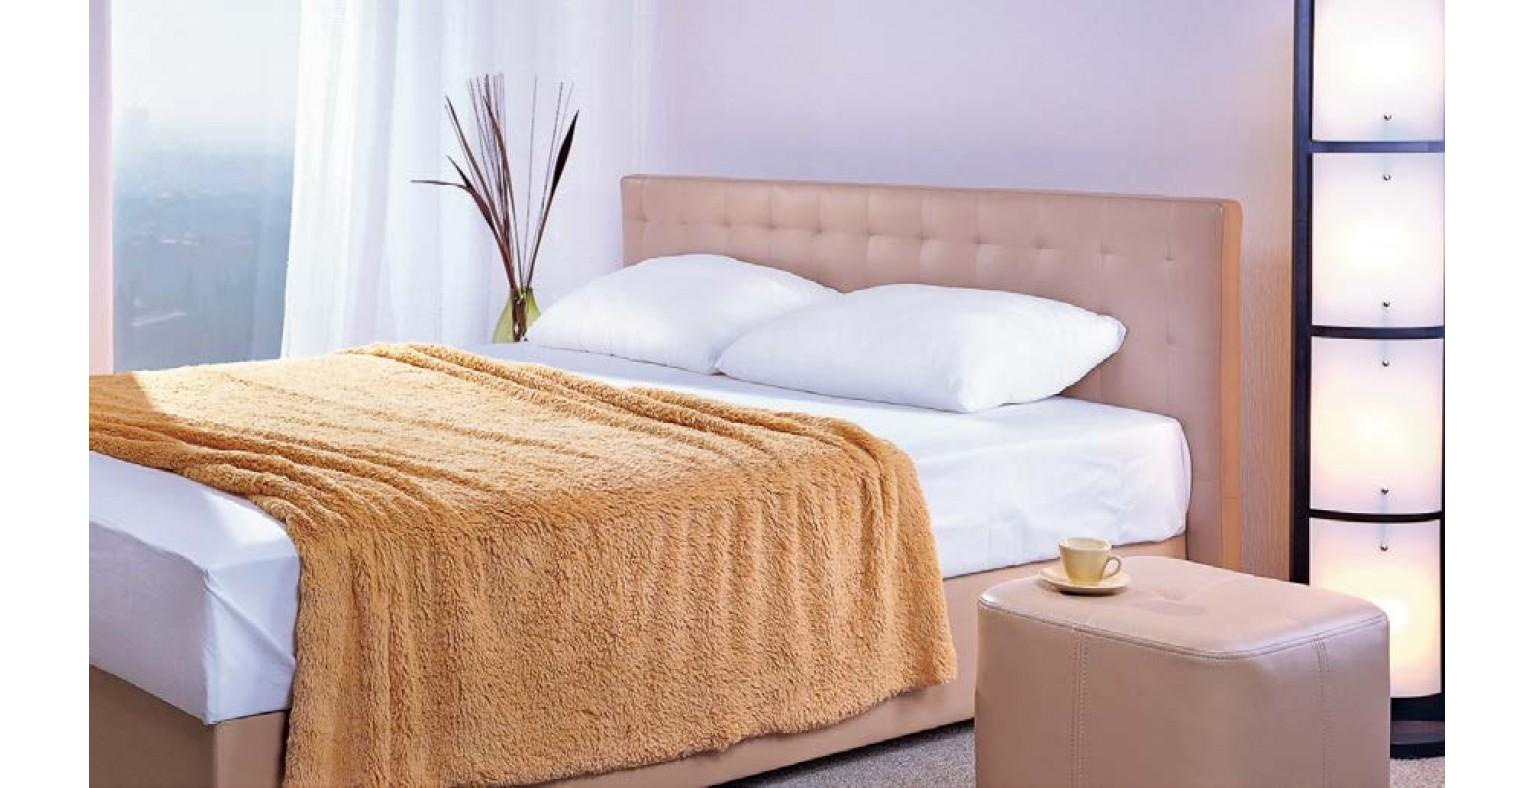 Кровати компании Ligardo